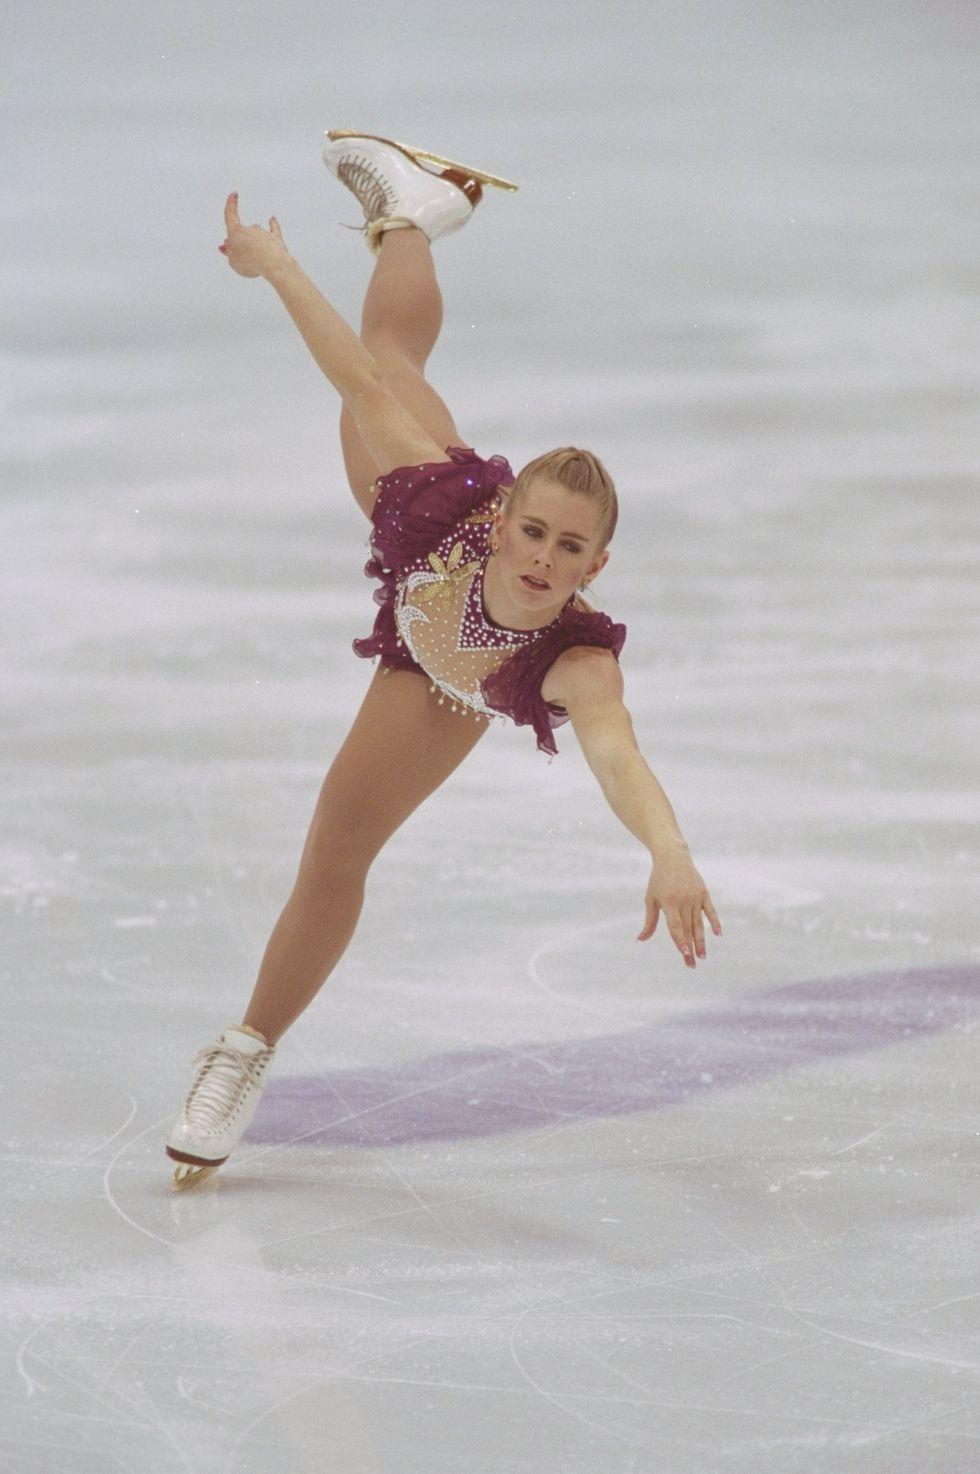 """1994: Тоня Хардинг Всички погледи са насочени към Тоня в Норвегия. Фигуристката, замесена в скандал за нападението на Нанси Кериган, излиза на леда в червено облекло с кристали. Тя се класира на осмо място в състезанието, а няколко месеца по-късно й е забранено да се състезава за цял живот, след като се признава за виновна в участието си в нападението на Нанси. Всичко за сагата разбираме от култовия филм """"Аз, Тоня""""."""